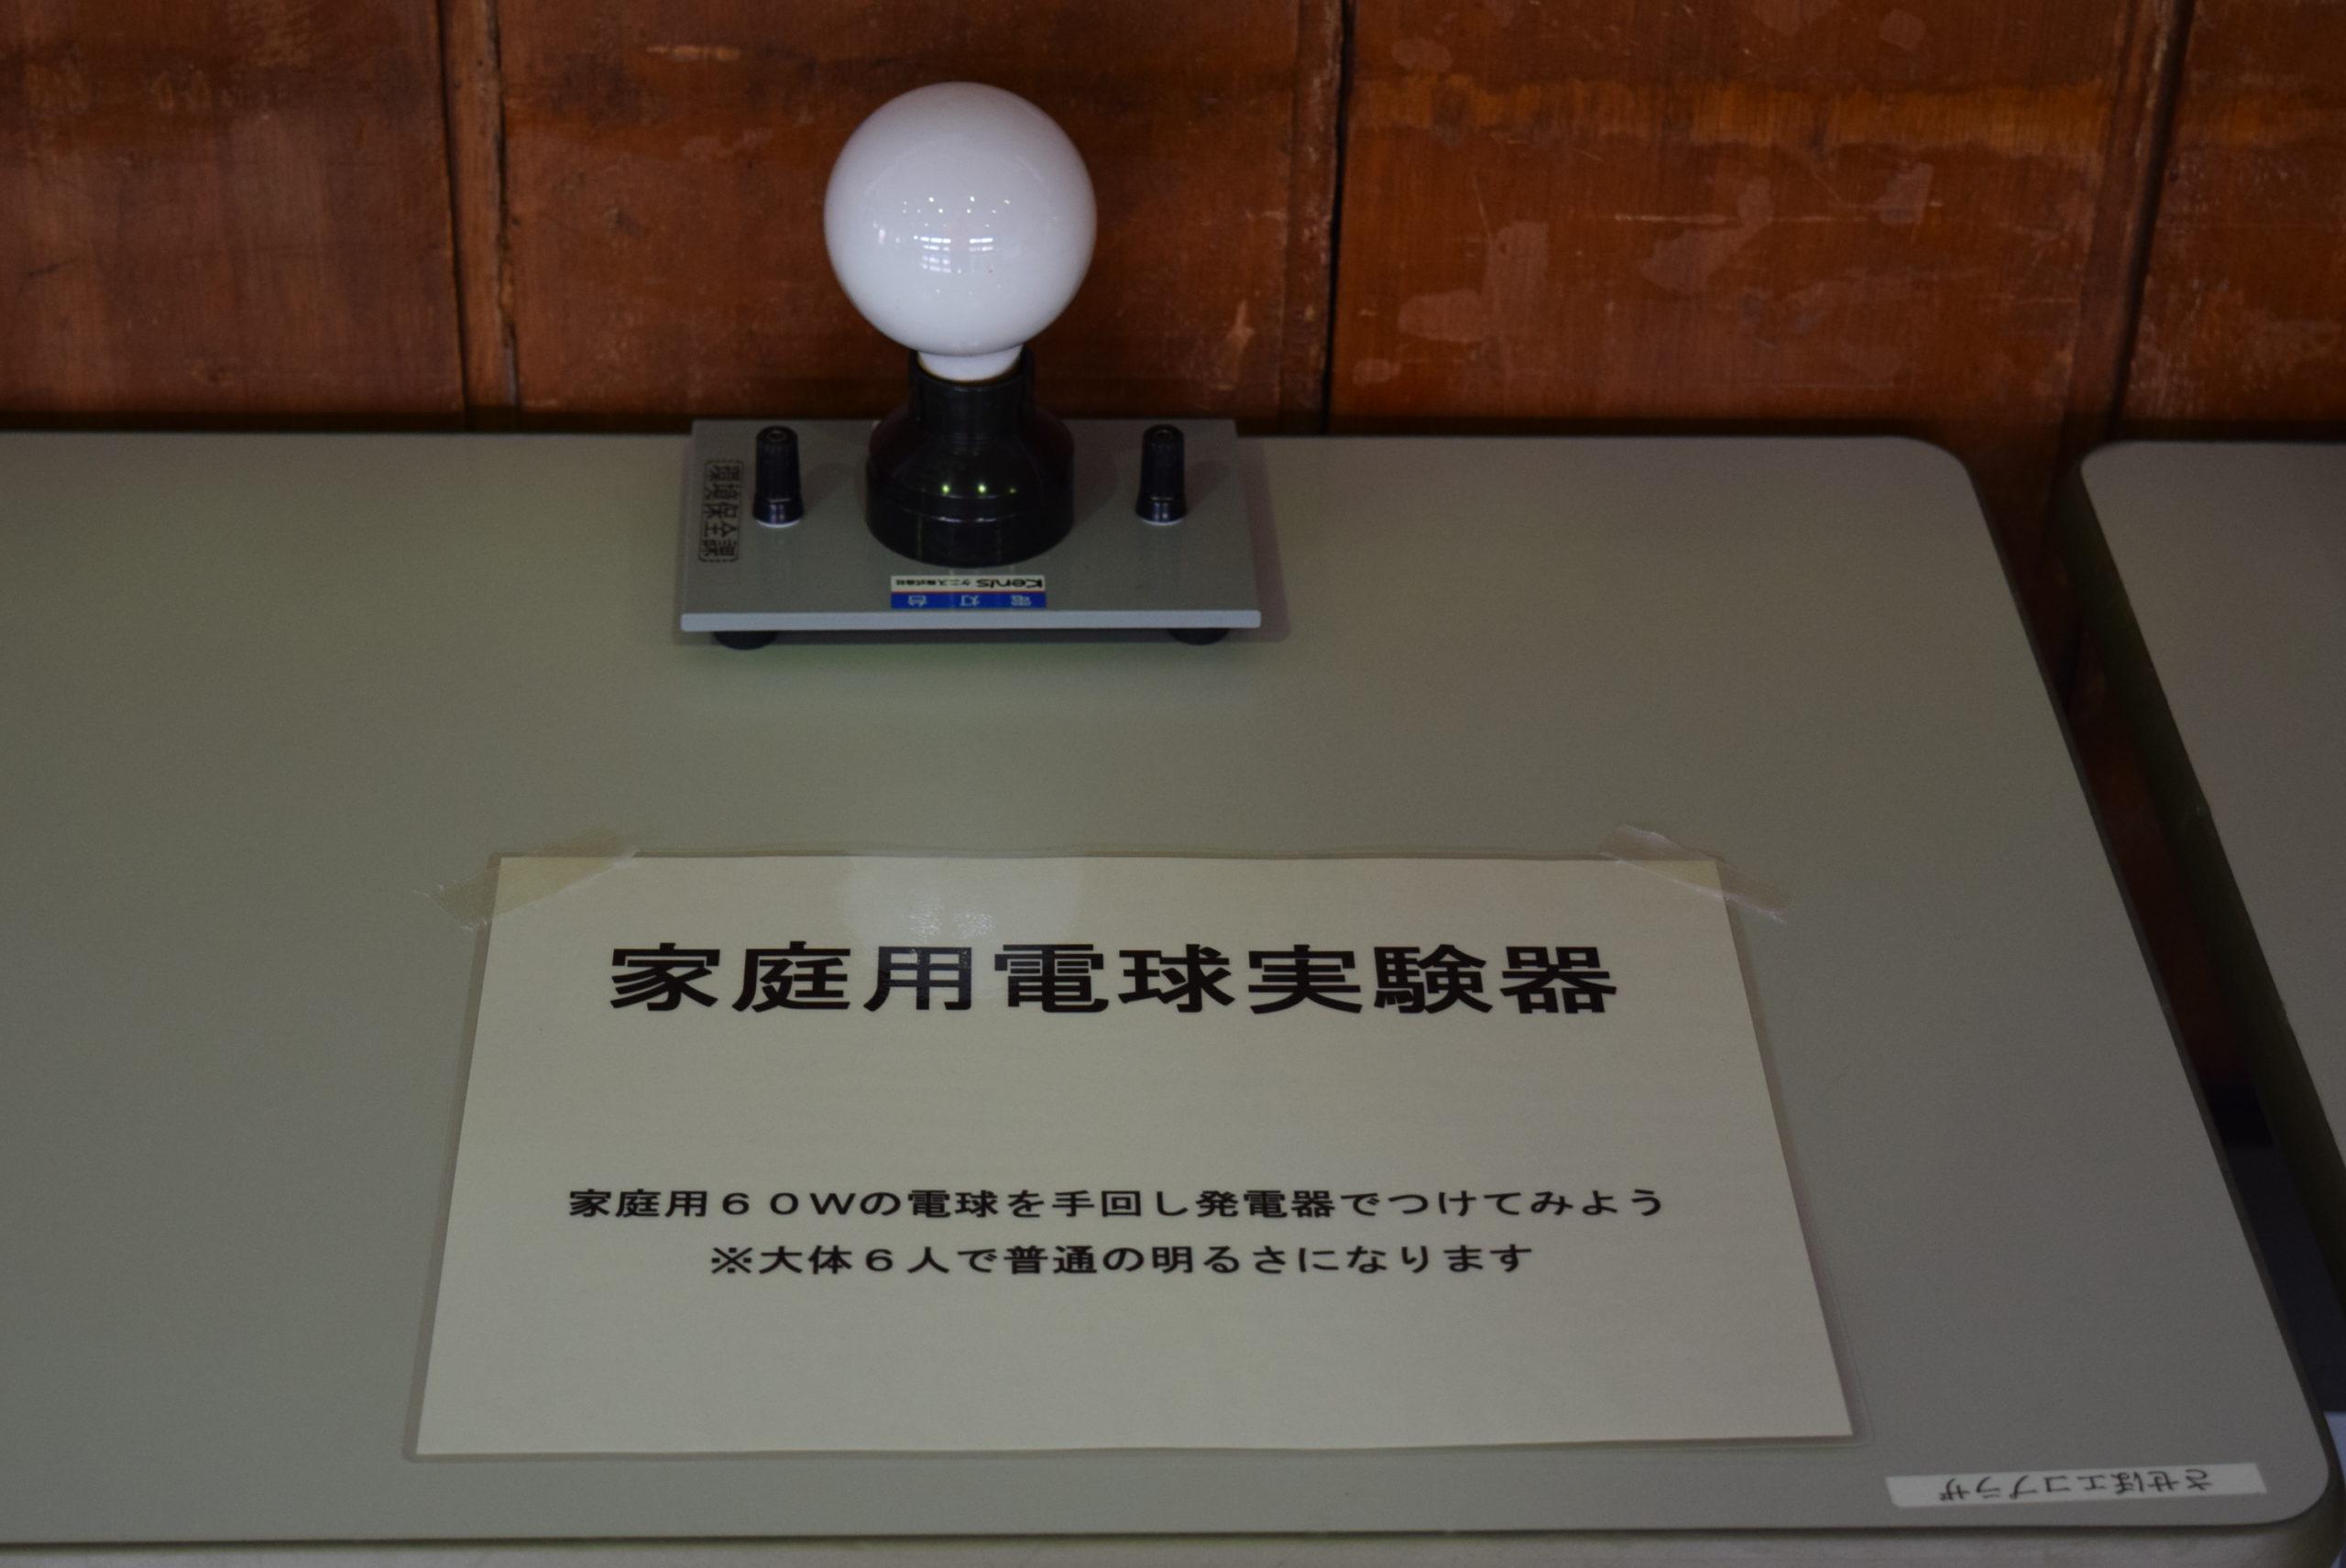 家庭用電球実験器:60Wの白熱電球を手回し発電機によって点灯させます。大人6名で普段利用している明るさになります。